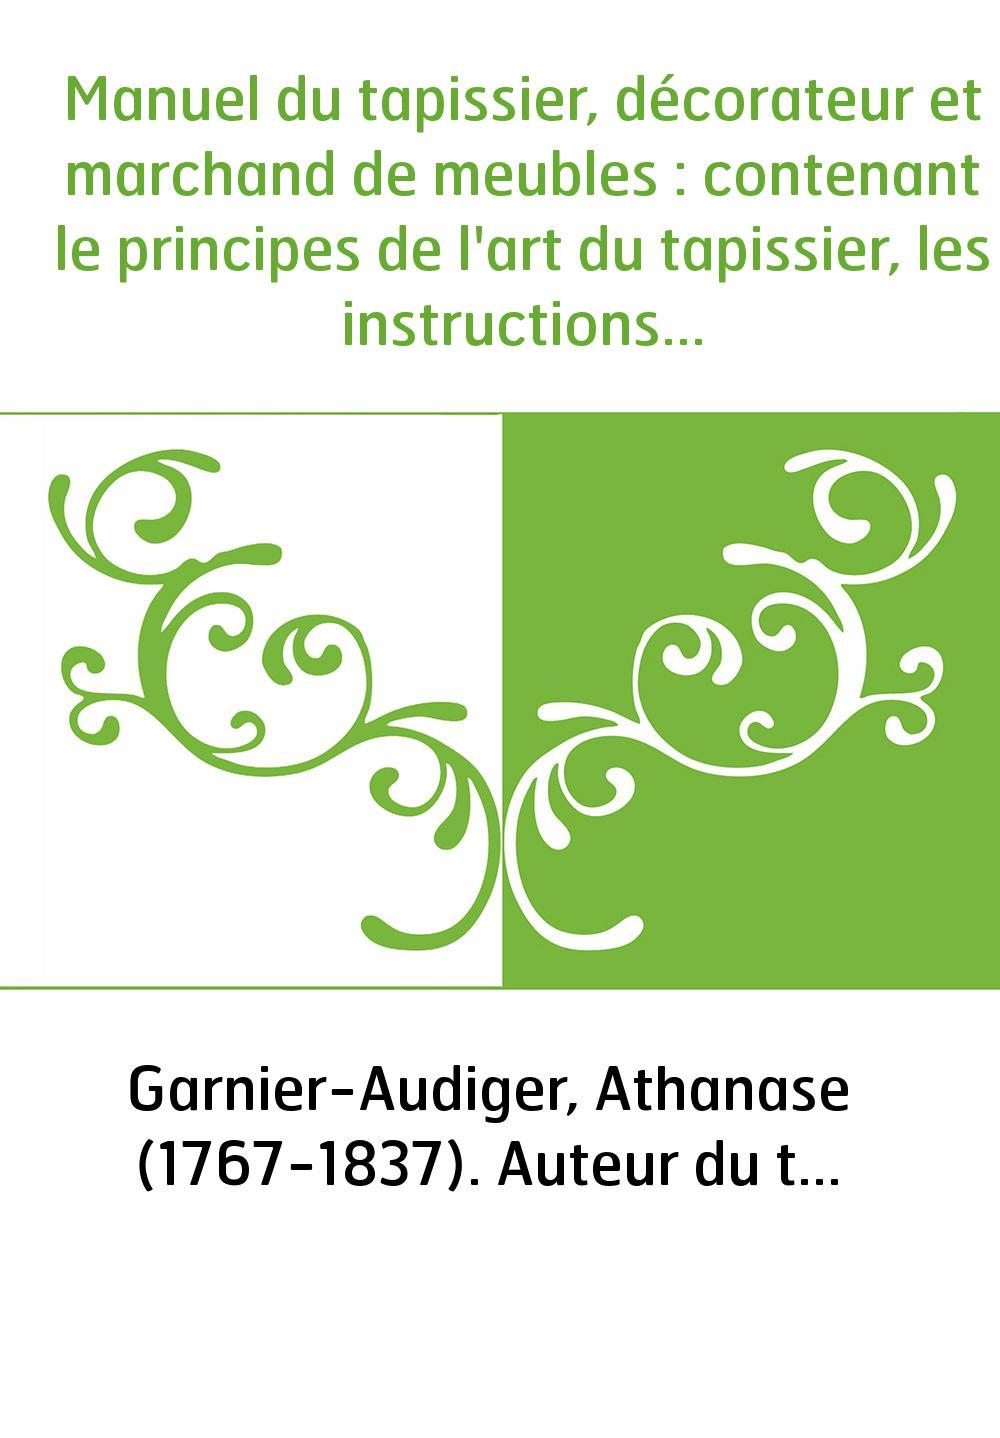 Manuel du tapissier, décorateur et marchand de meubles : contenant le principes de l'art du tapissier, les instructions nécessai